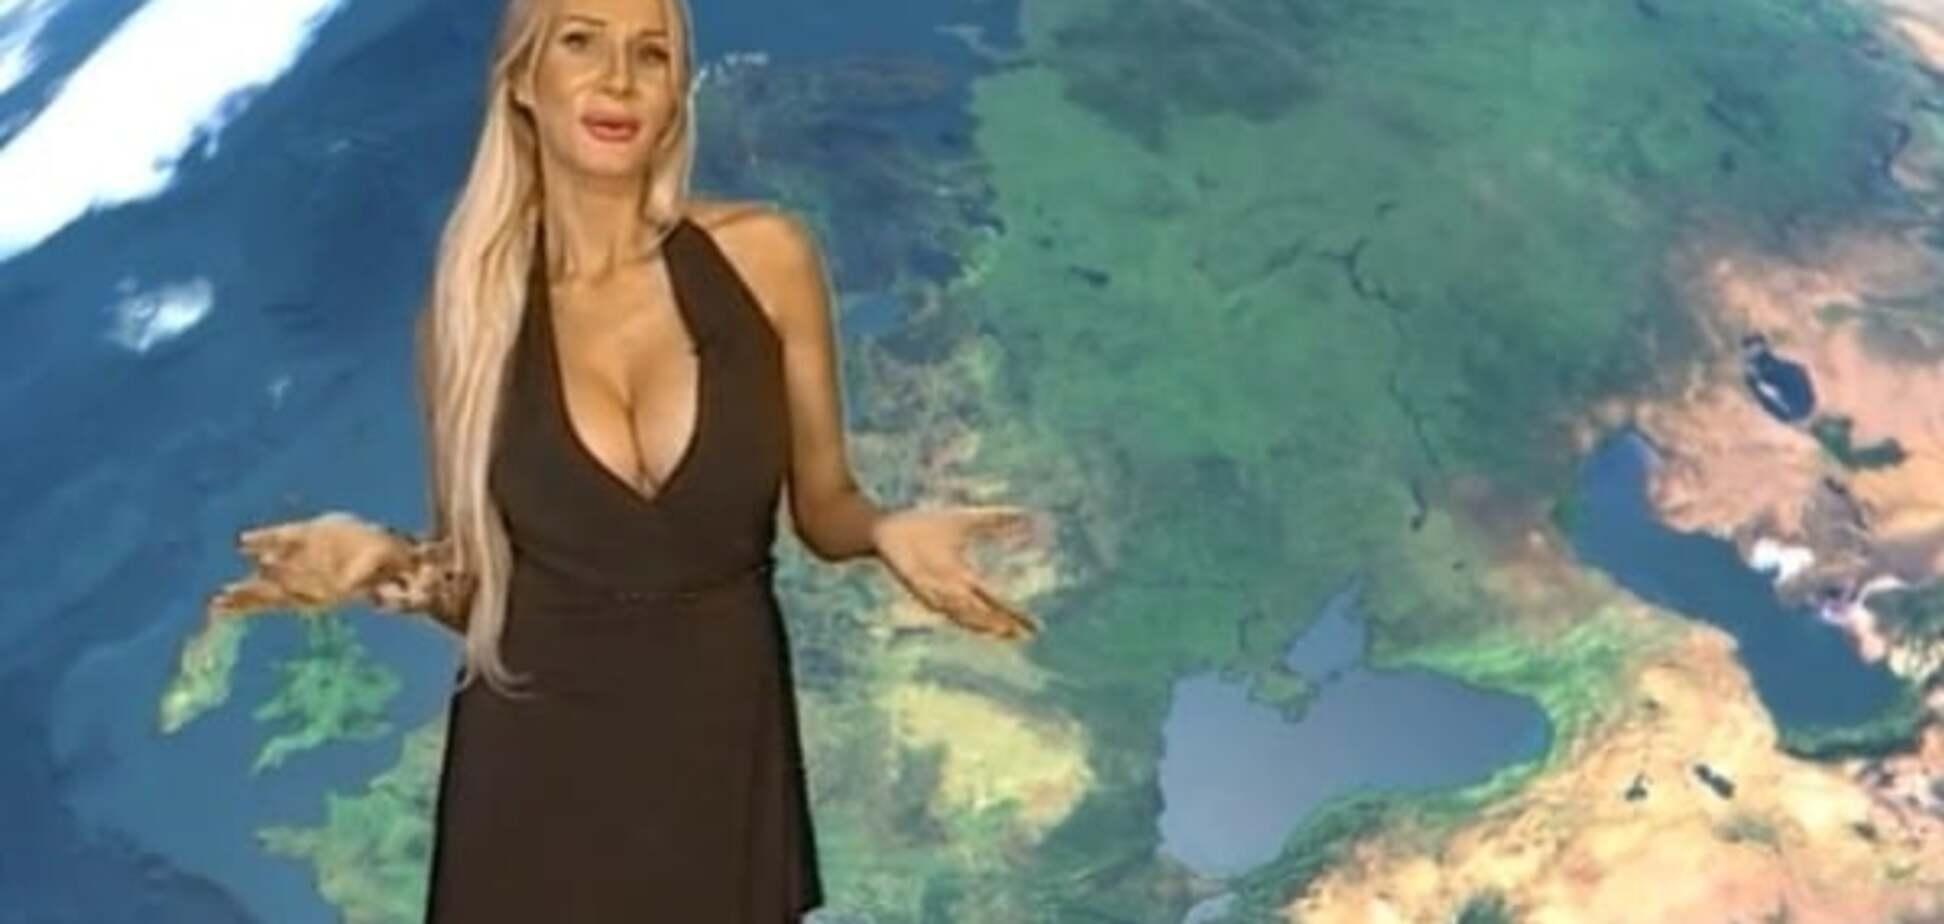 Російська ведуча прогнозу погоди 'підірвала' інтернет своїми формами: опубліковано відео